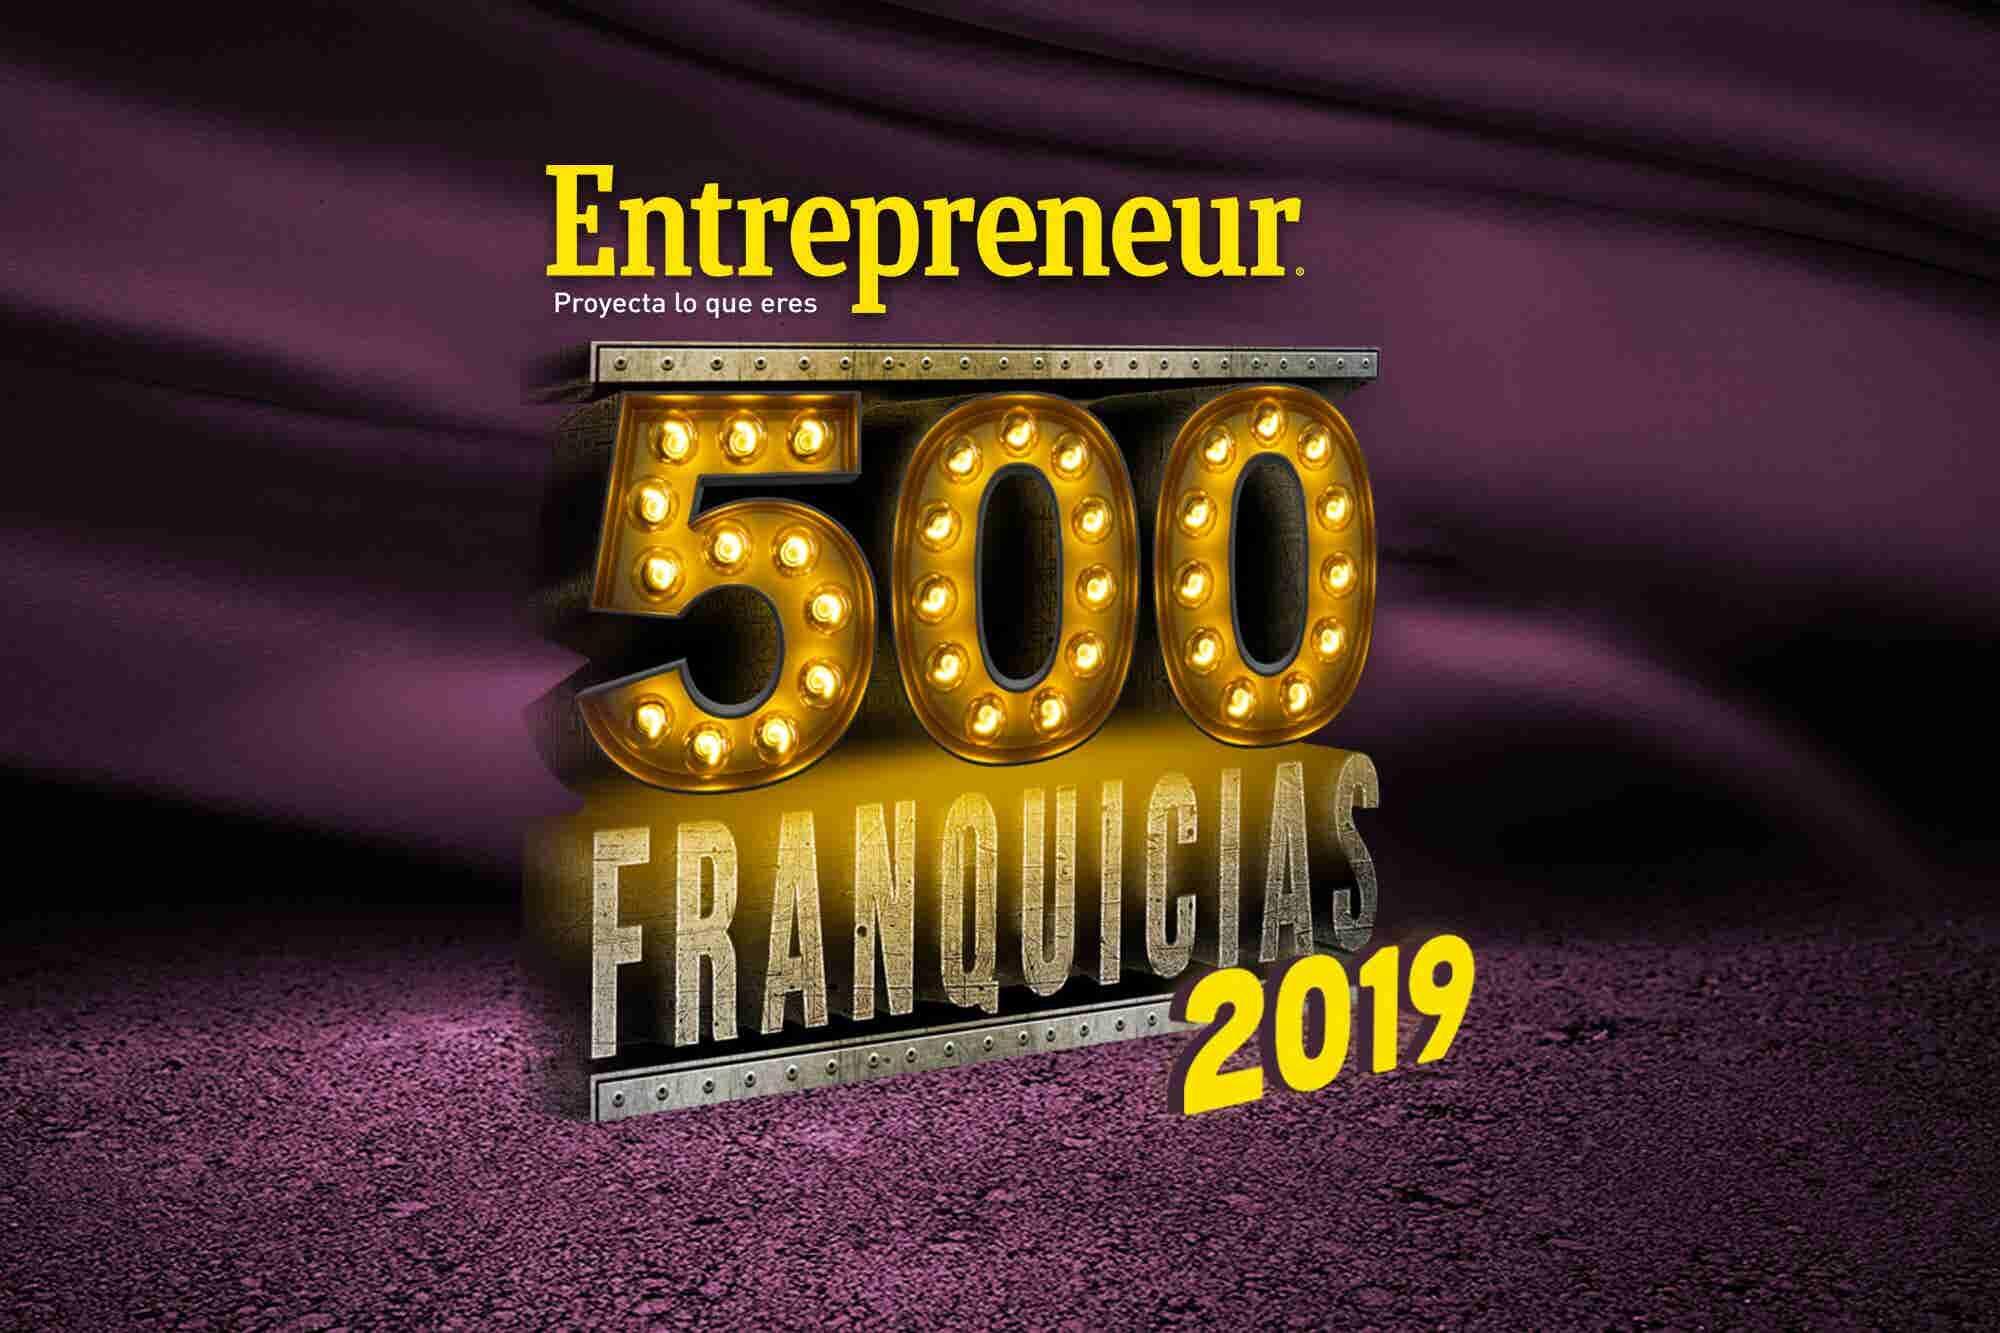 ¡Participa en el Directorio 500 Franquicias 2019 y aparece en la revista Entrepreneur!